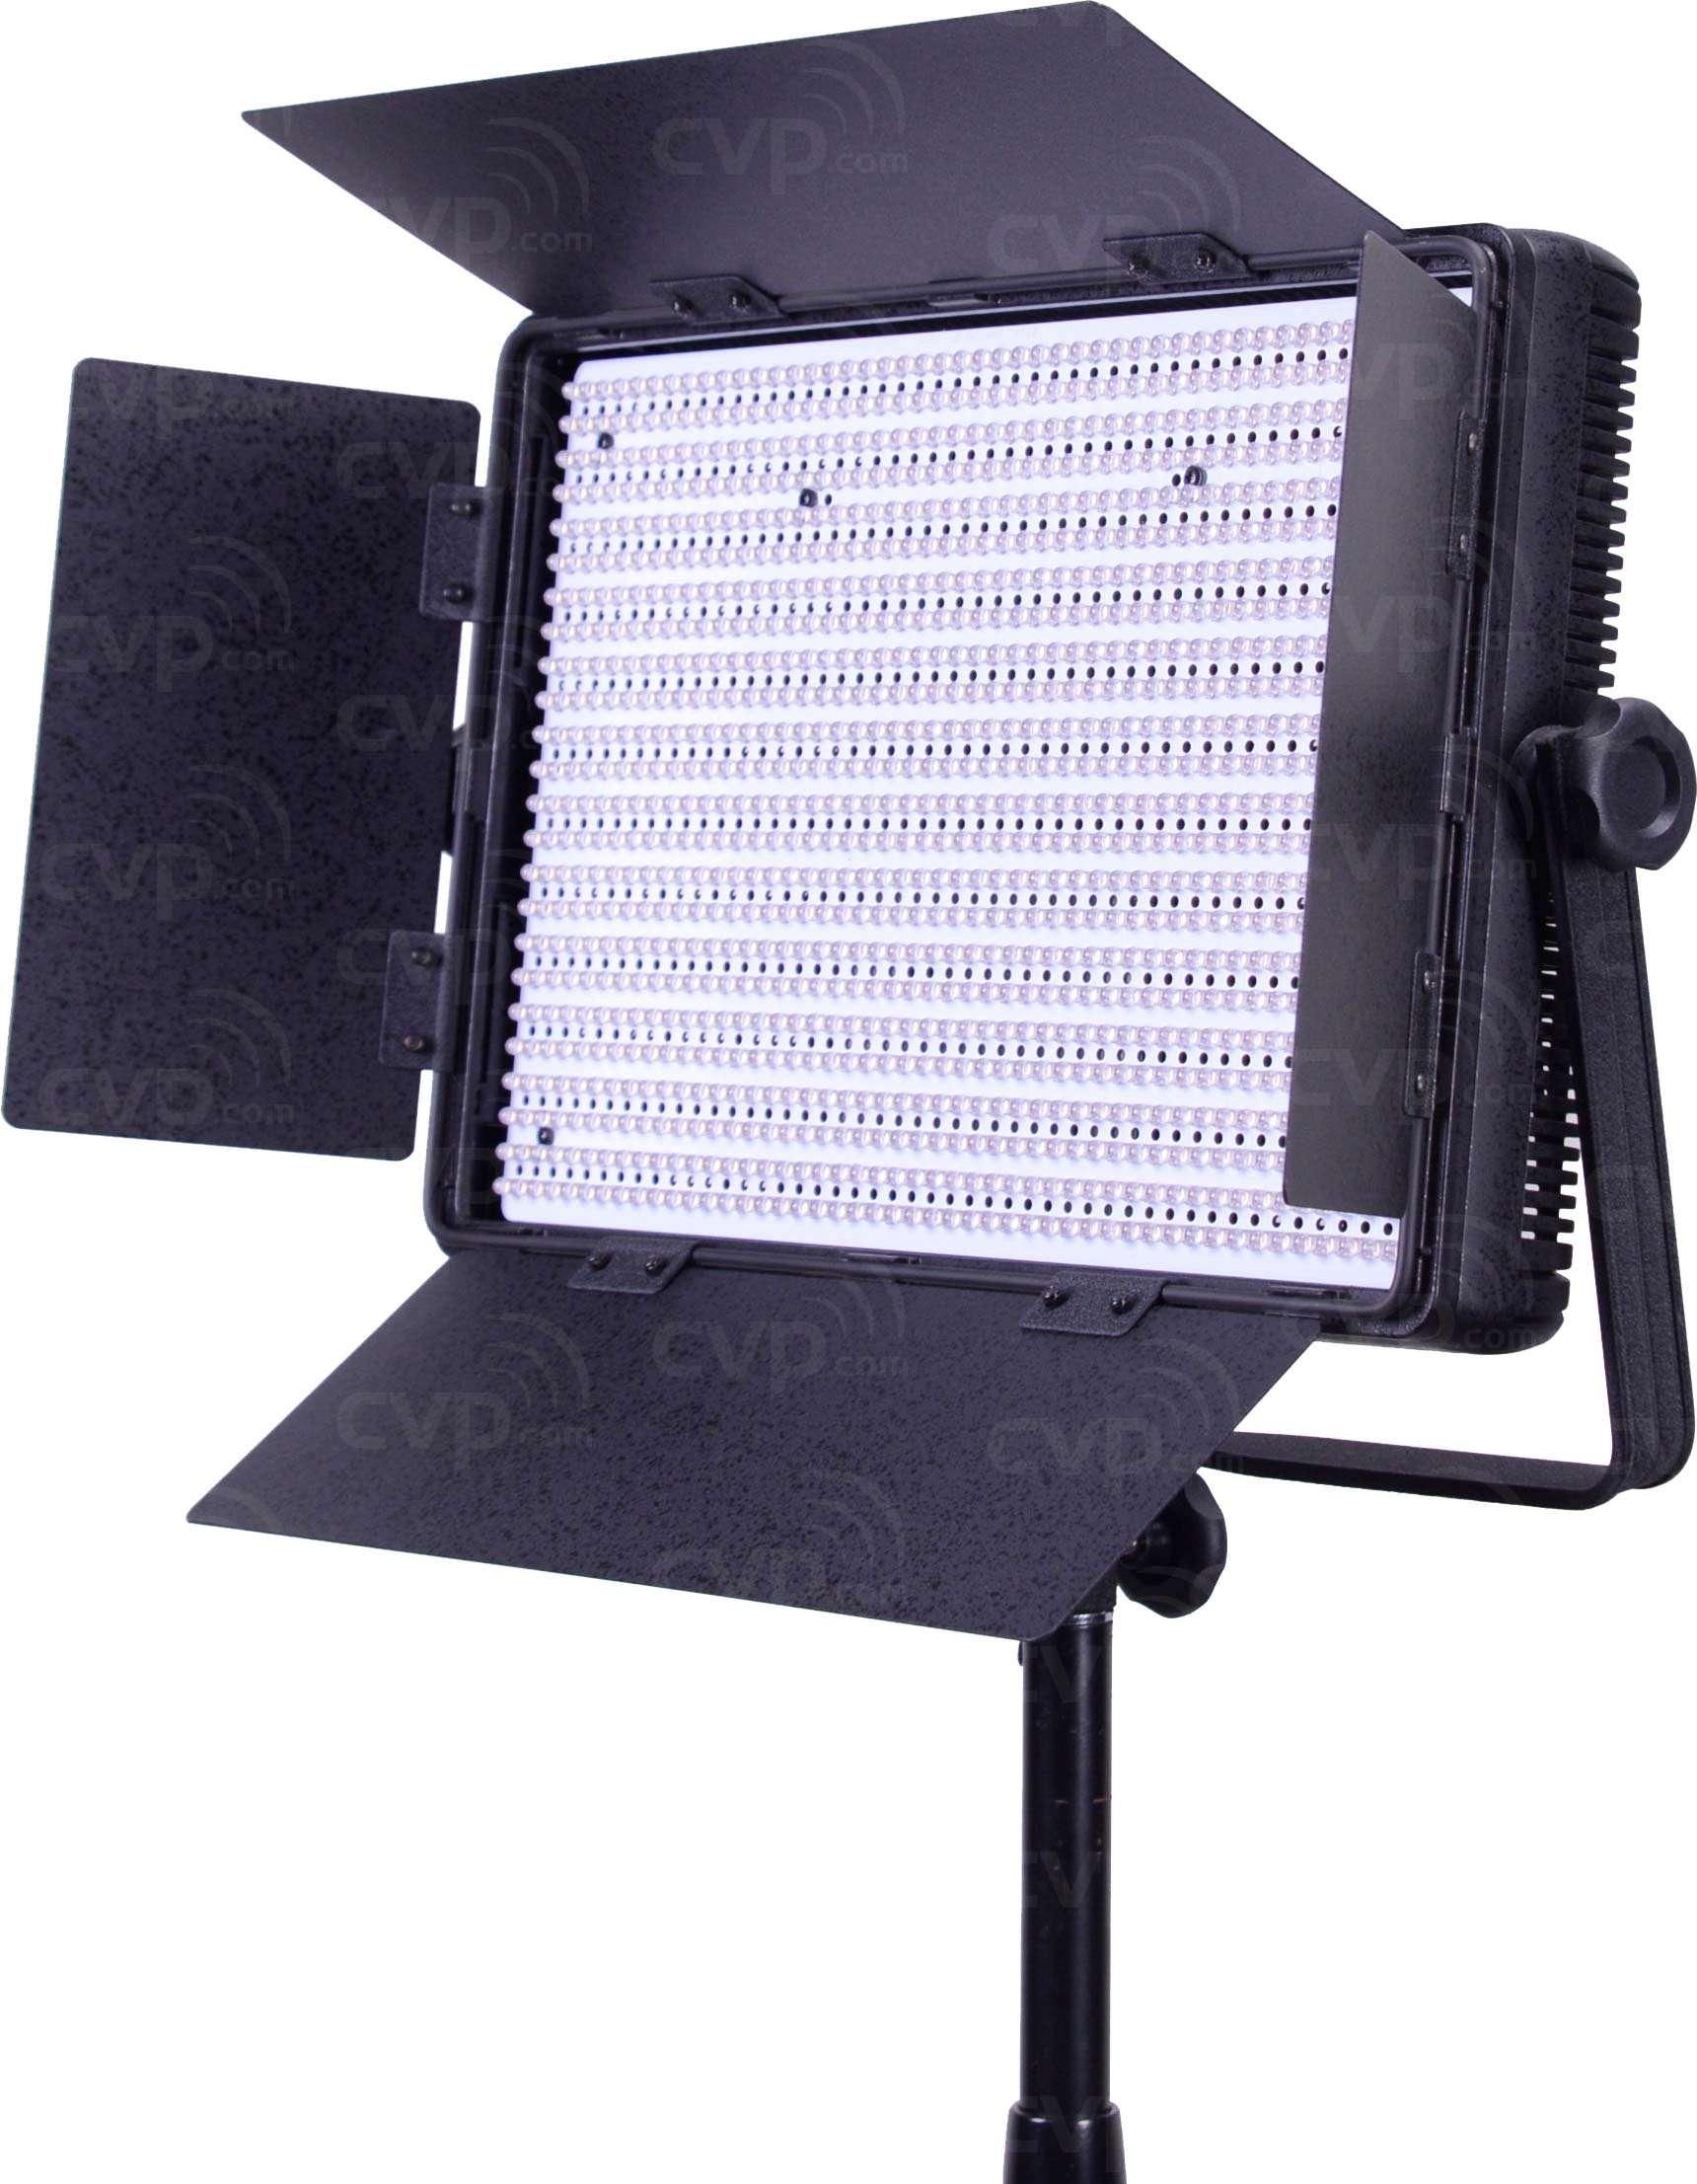 LEDGO LG-1200 Bi-Colour Light